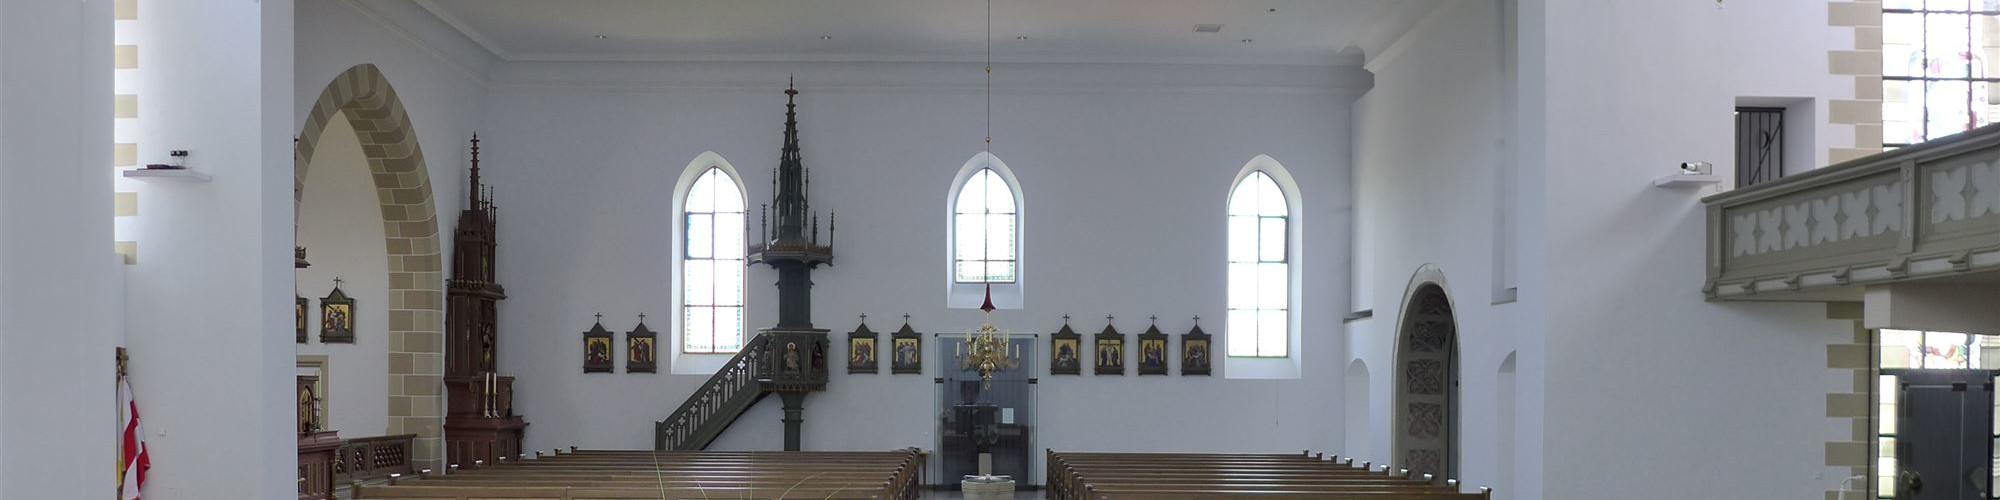 Kirche Oberwerrn - Blick vom Altarraum aus-sld